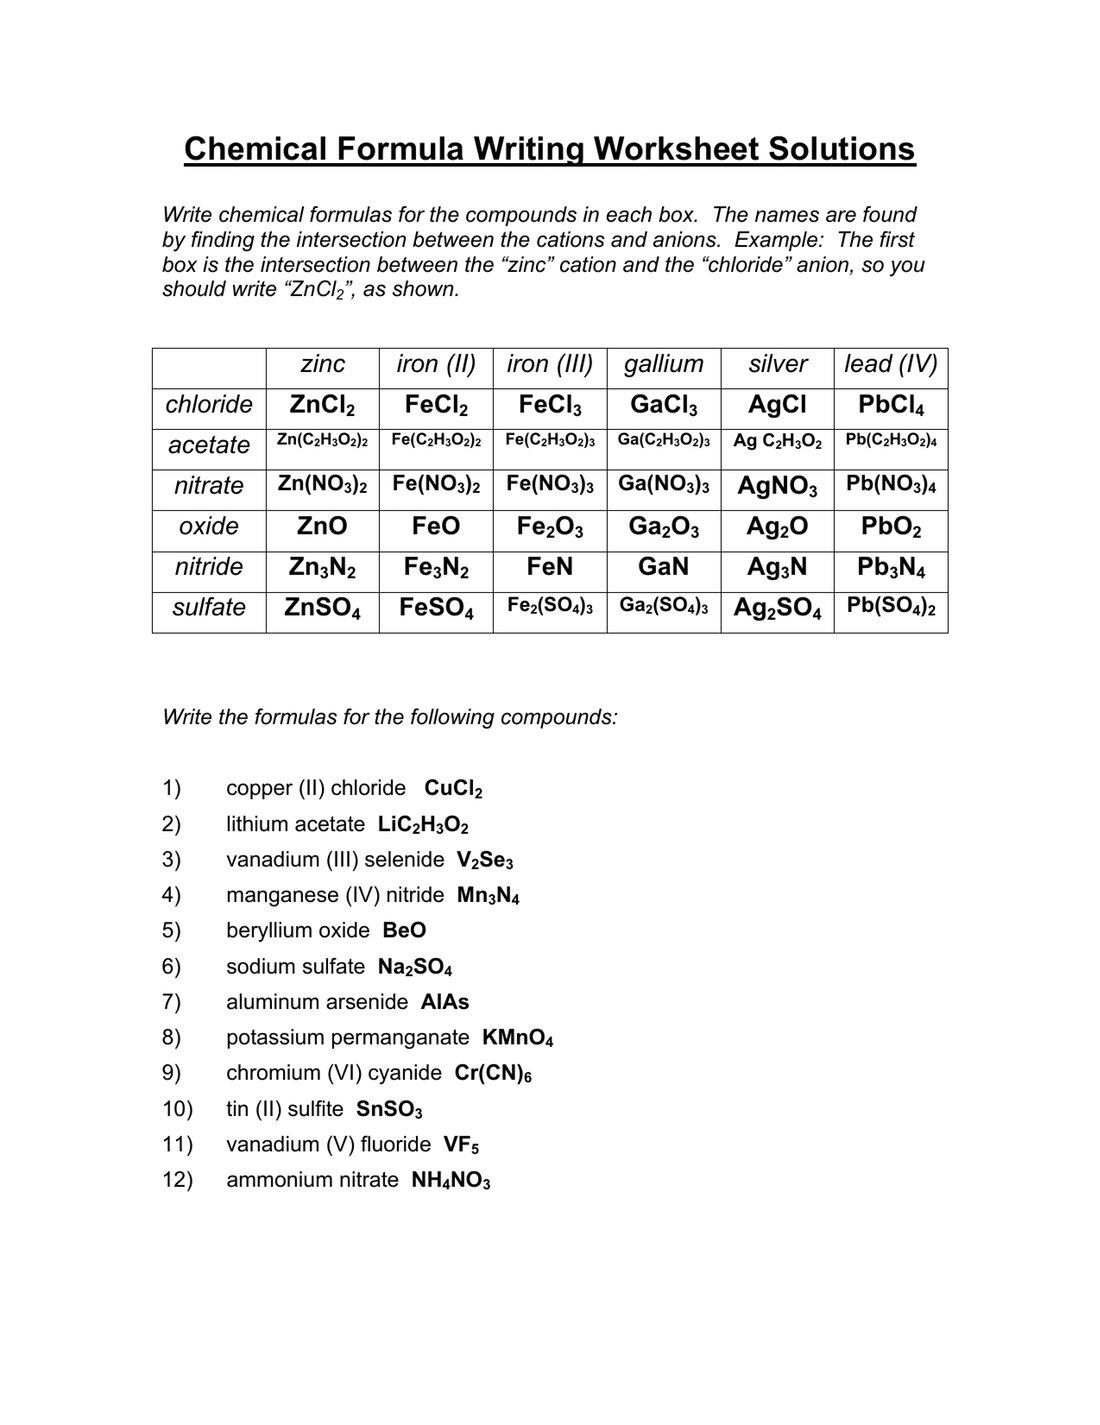 Chemical Formula Writing Worksheet Answer Key